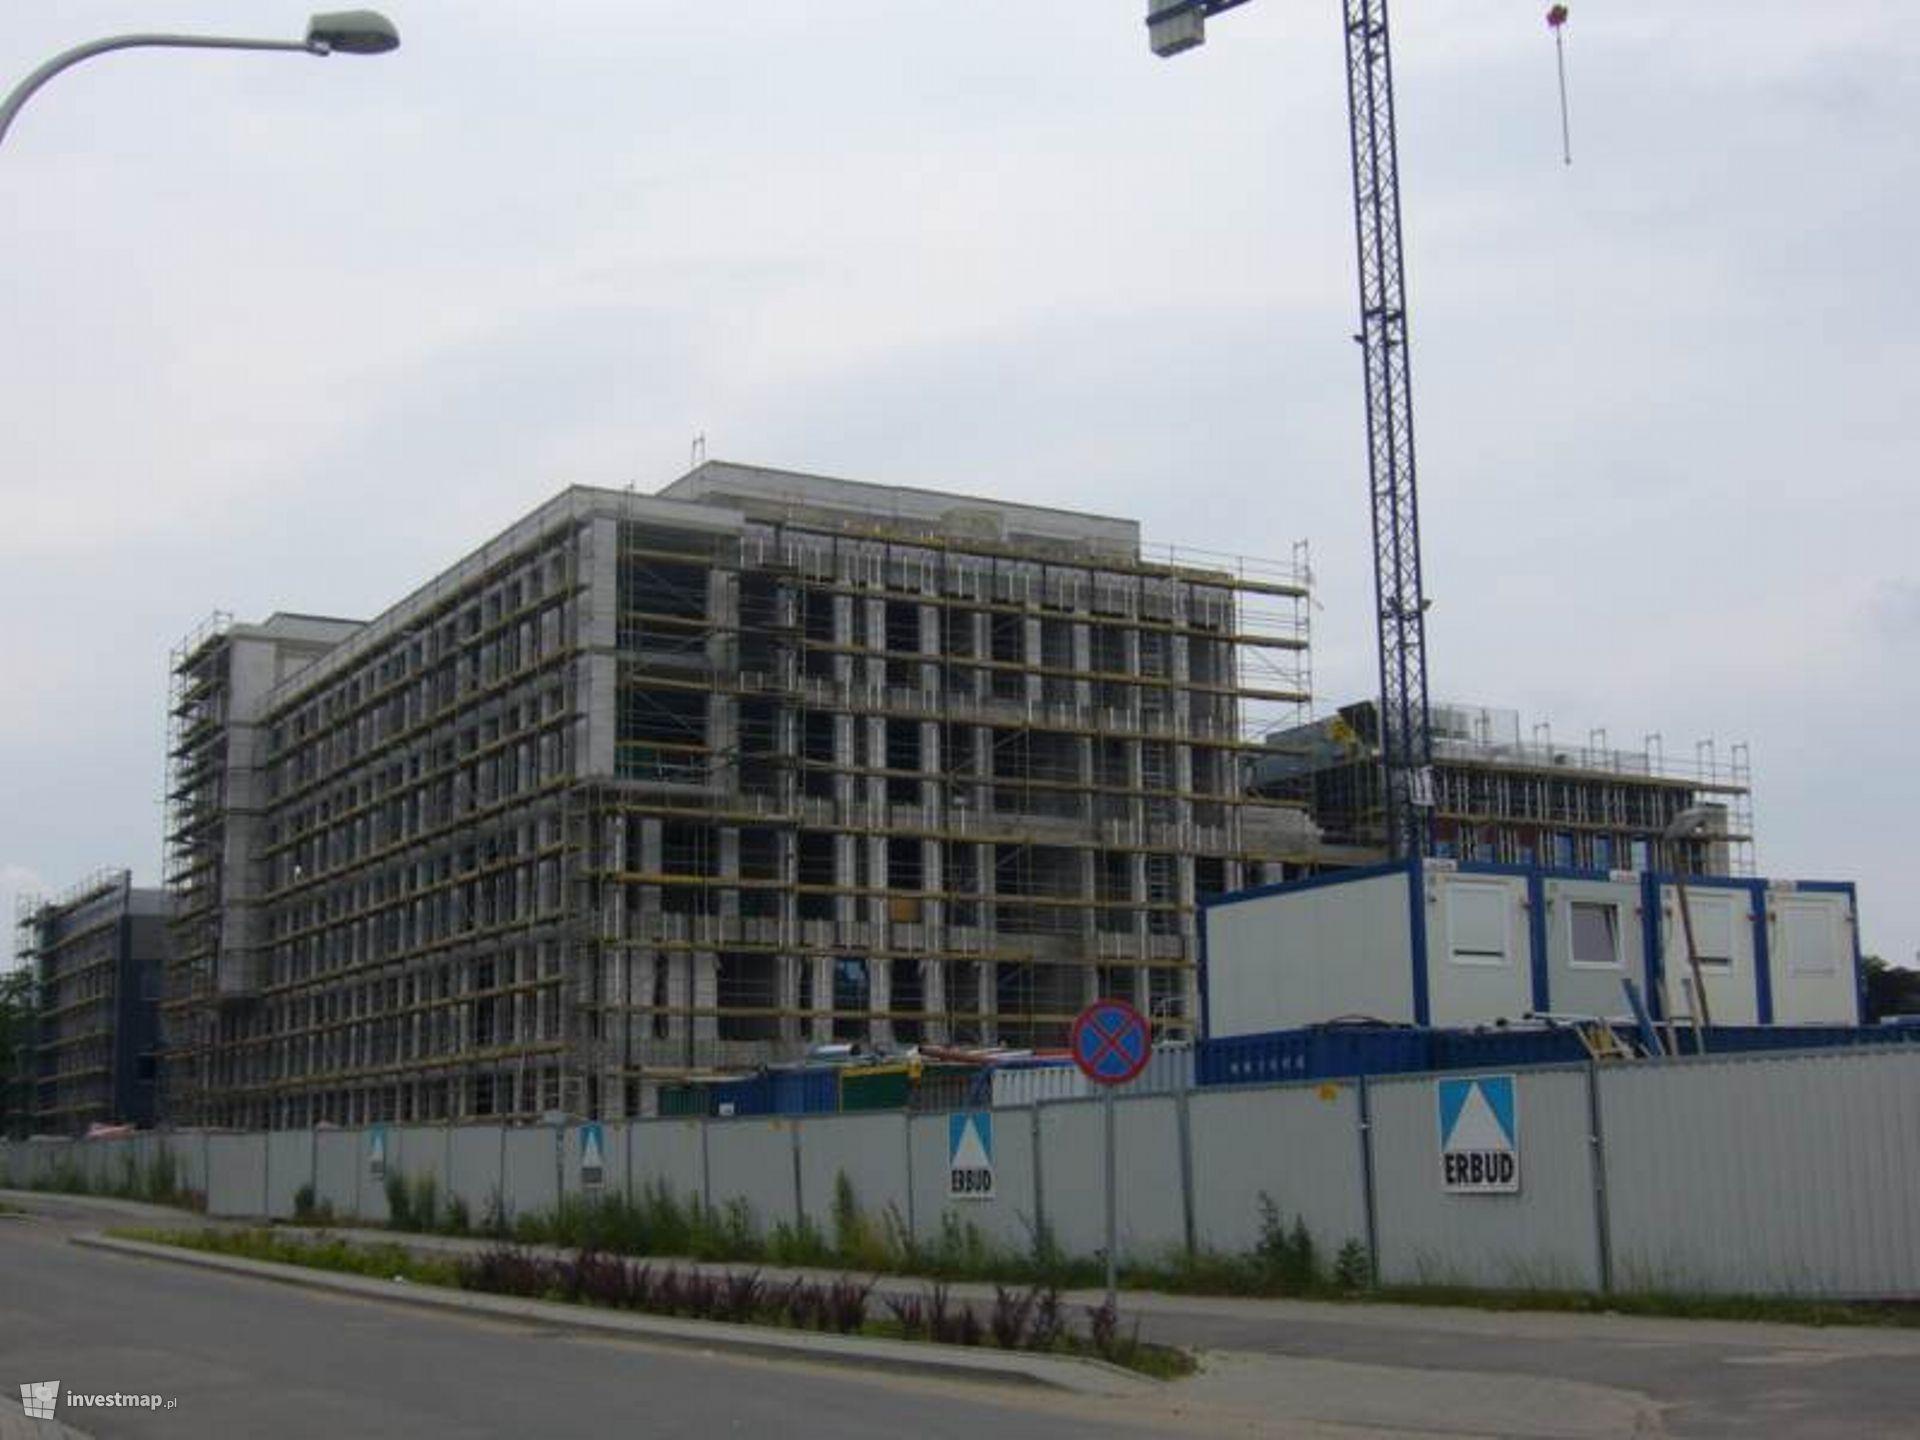 Wrocławski Park Technologiczny Centrum Innowacyjne Biznesu (Budynek Alfa)